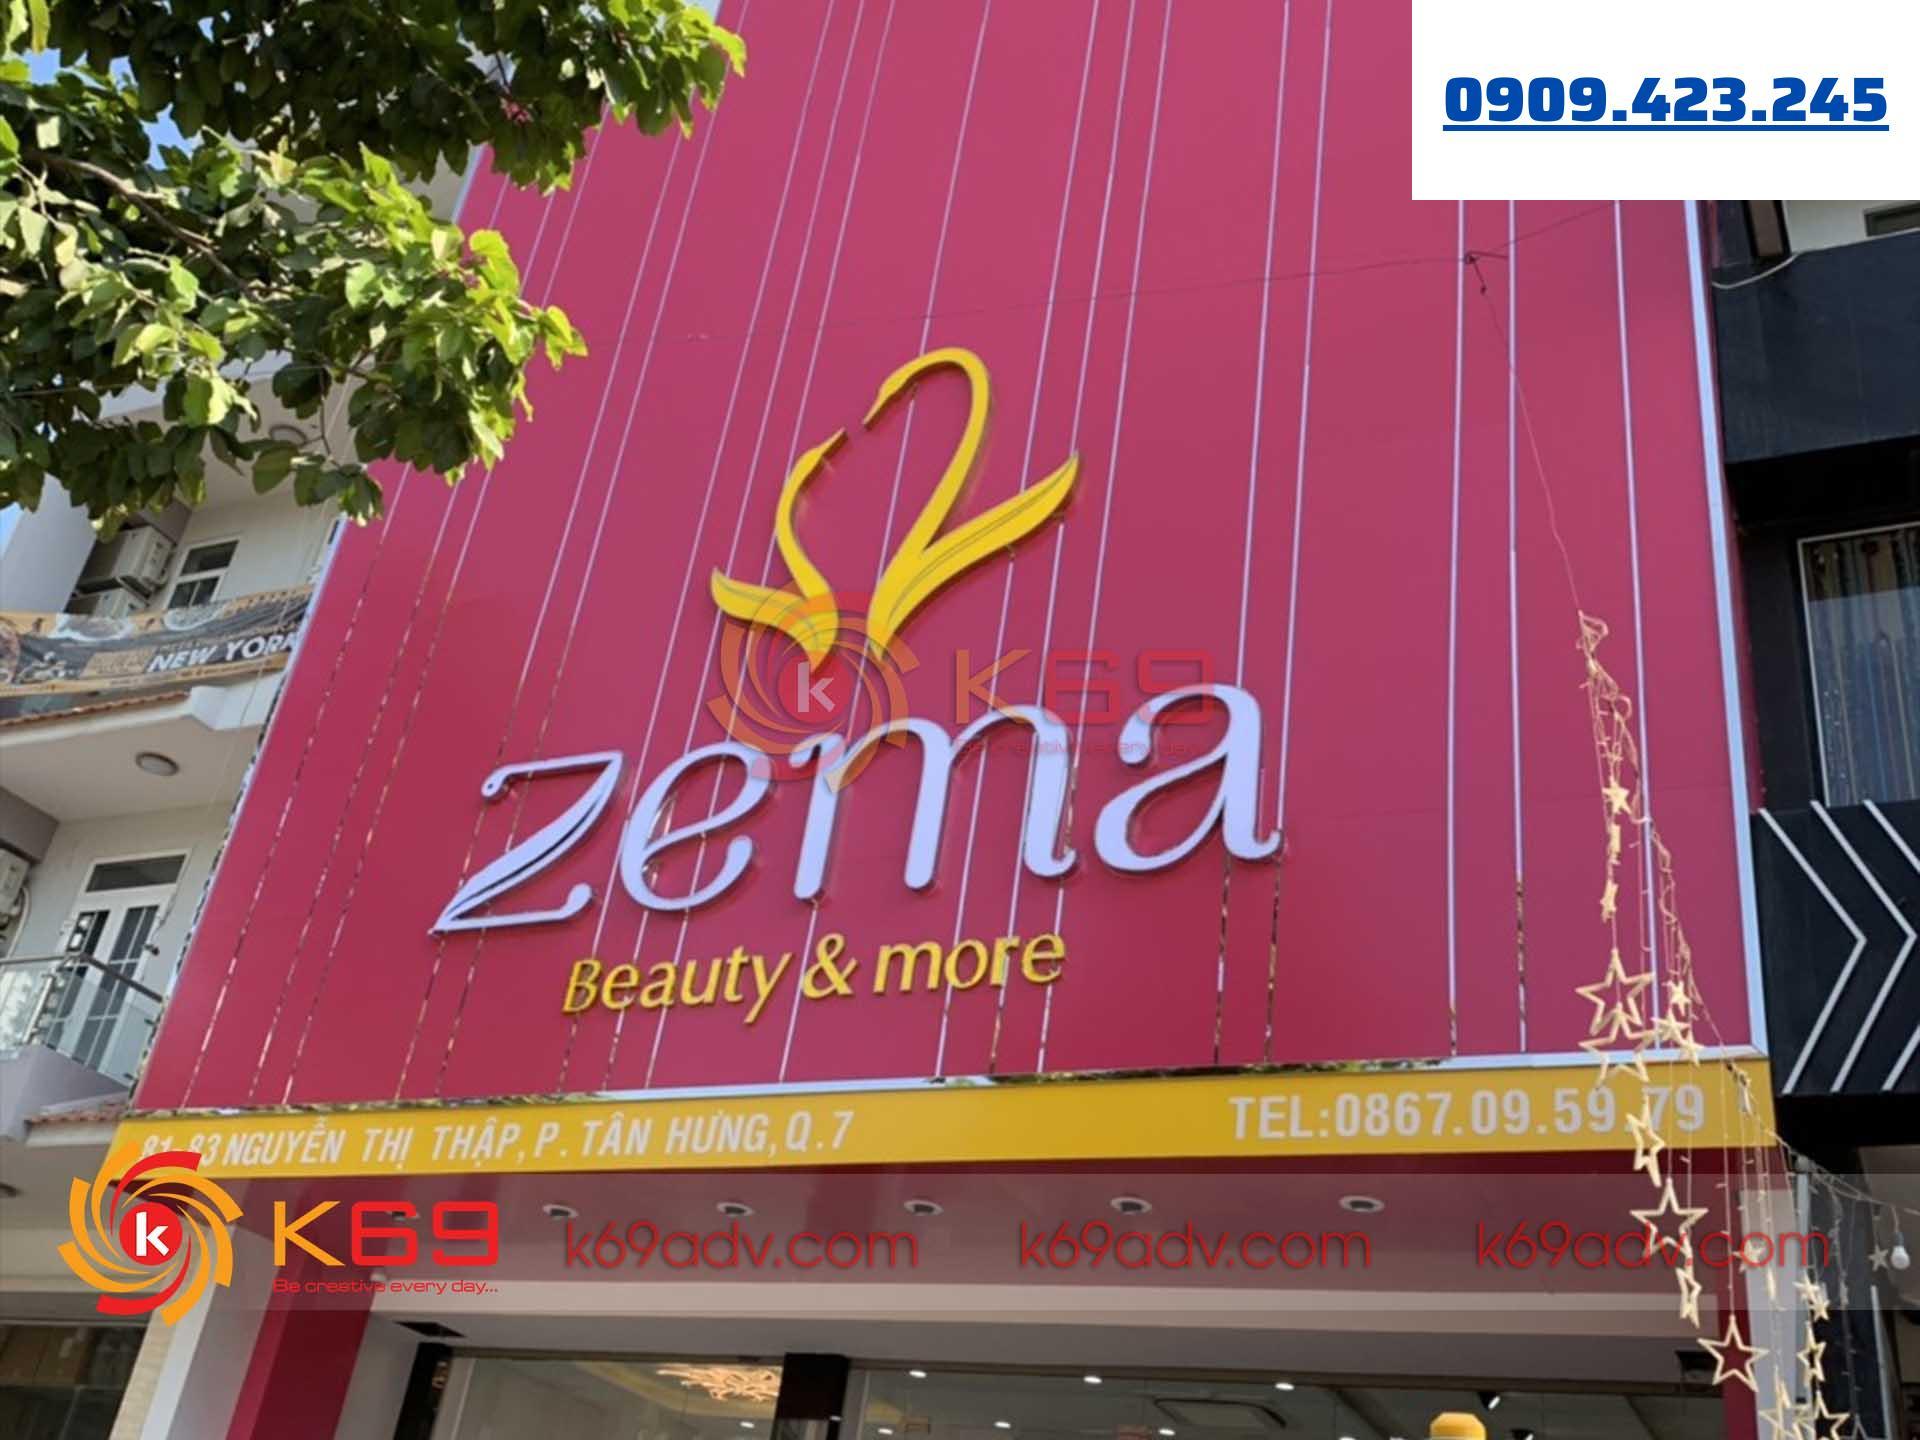 Làm bảng hiệu tại quận 7 shop zema do k69adv thực hiện